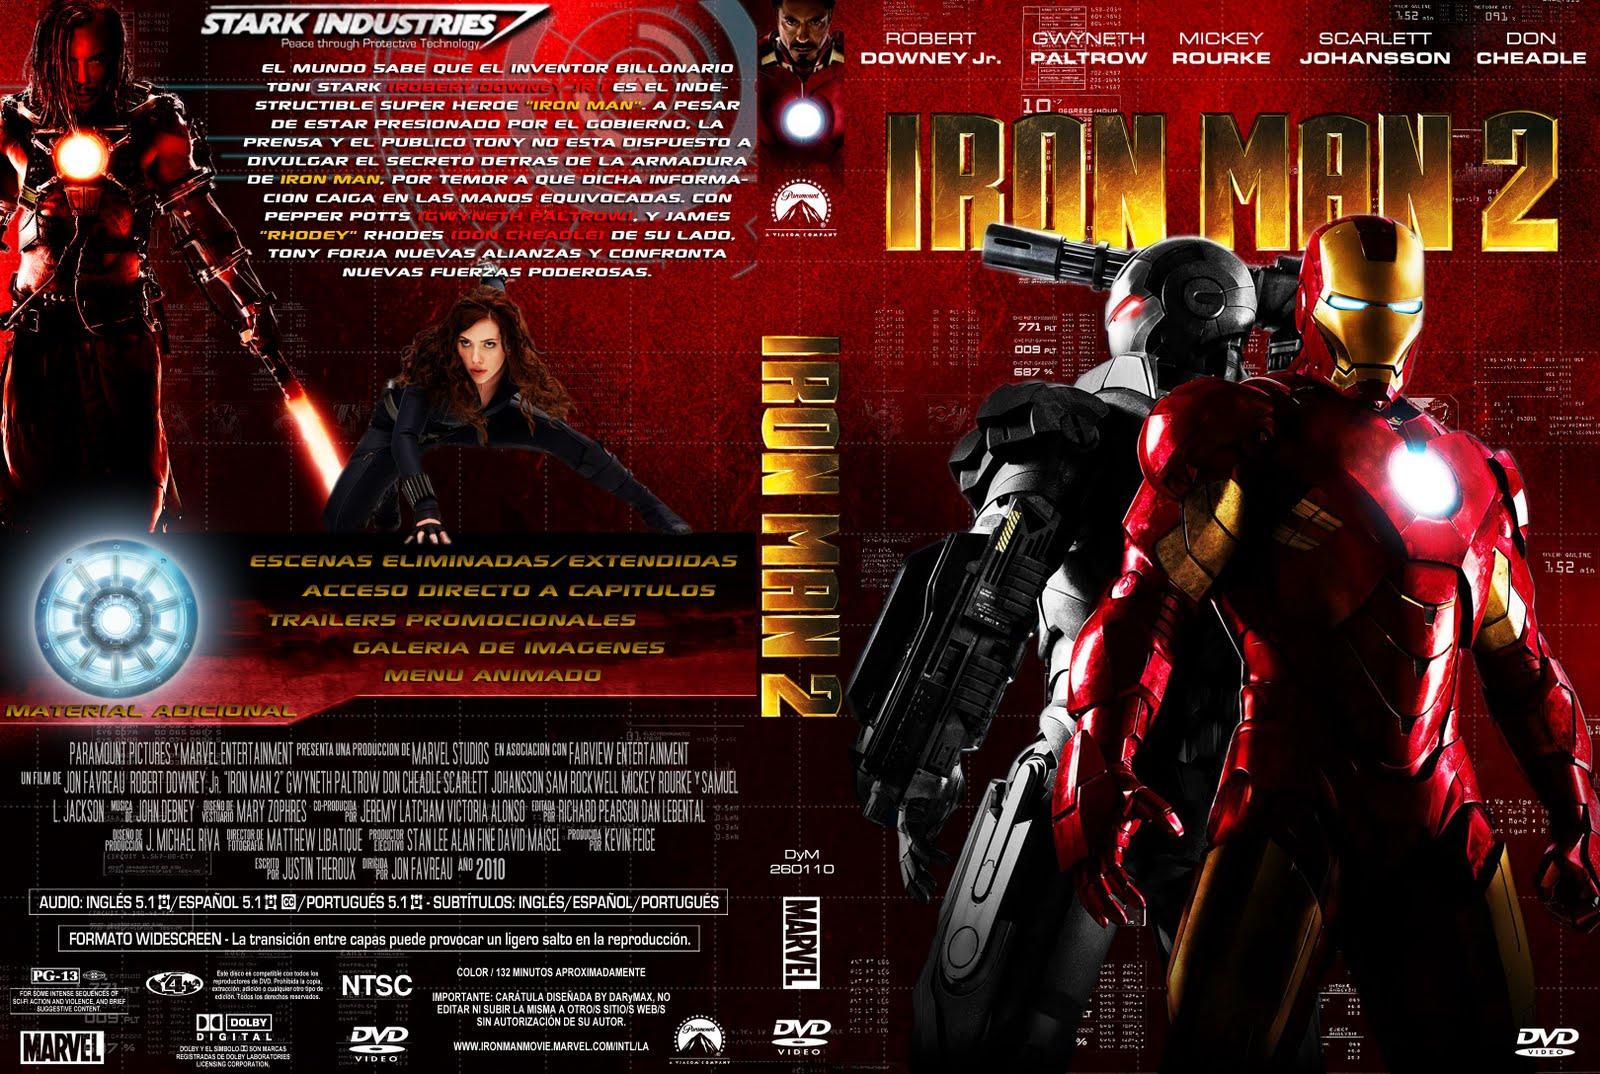 http://4.bp.blogspot.com/_iWpl-qL1Uyo/S_RDM8maCuI/AAAAAAAAFHw/Kdg0tR-SeD8/s1600/Iron_Man_2_-_Custom_-_V11_por_DaryMax_[dvd